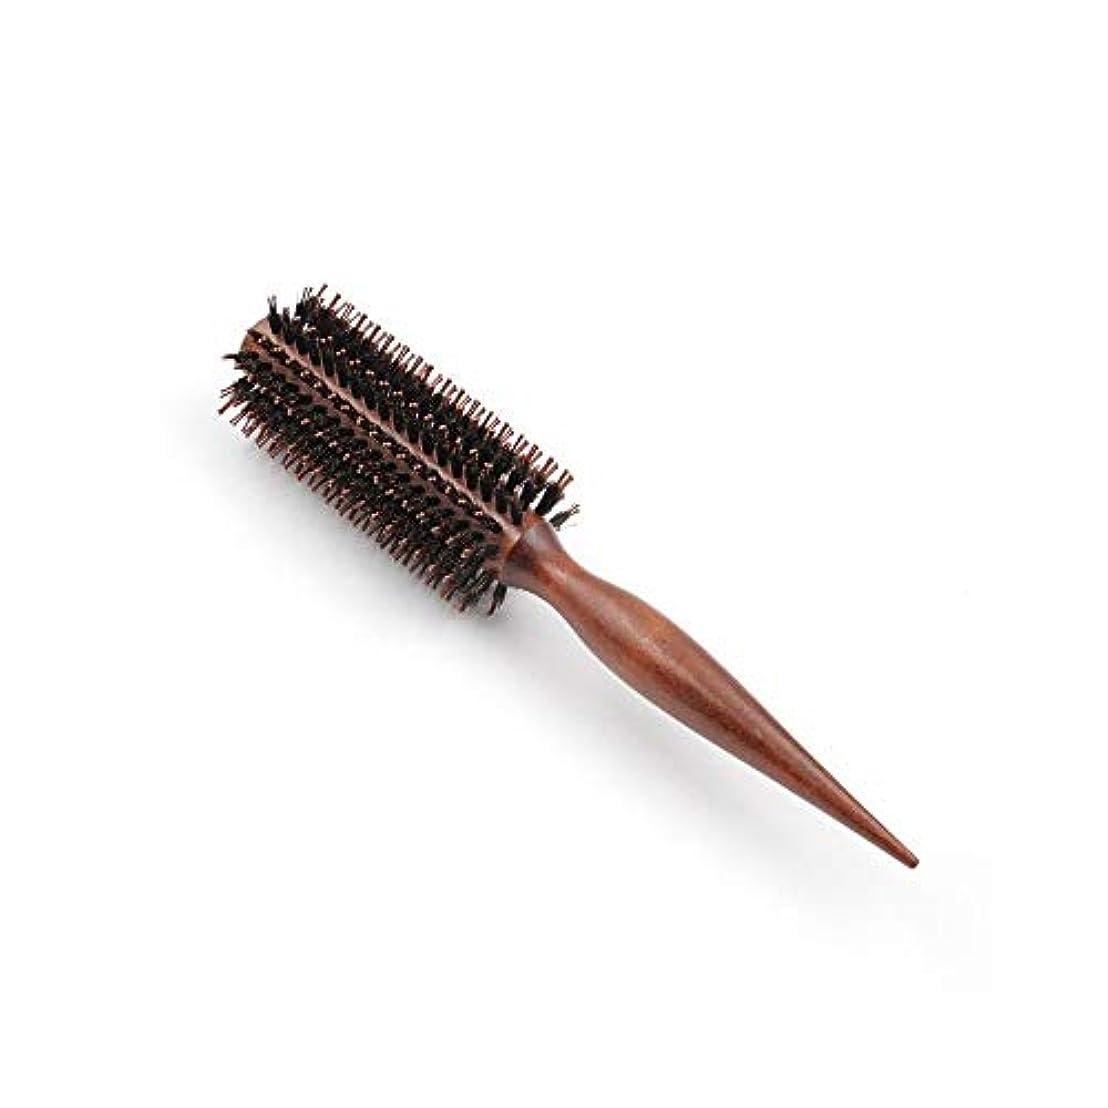 贈り物帳面動機付けるヘアコーム理髪くし 髪の毛ラウンドブラシはサロンのヘアデザインのためのドライ木製ローリングくしフェラ ヘアスタイリングコーム (Color : Straight, Size : 10 rows)